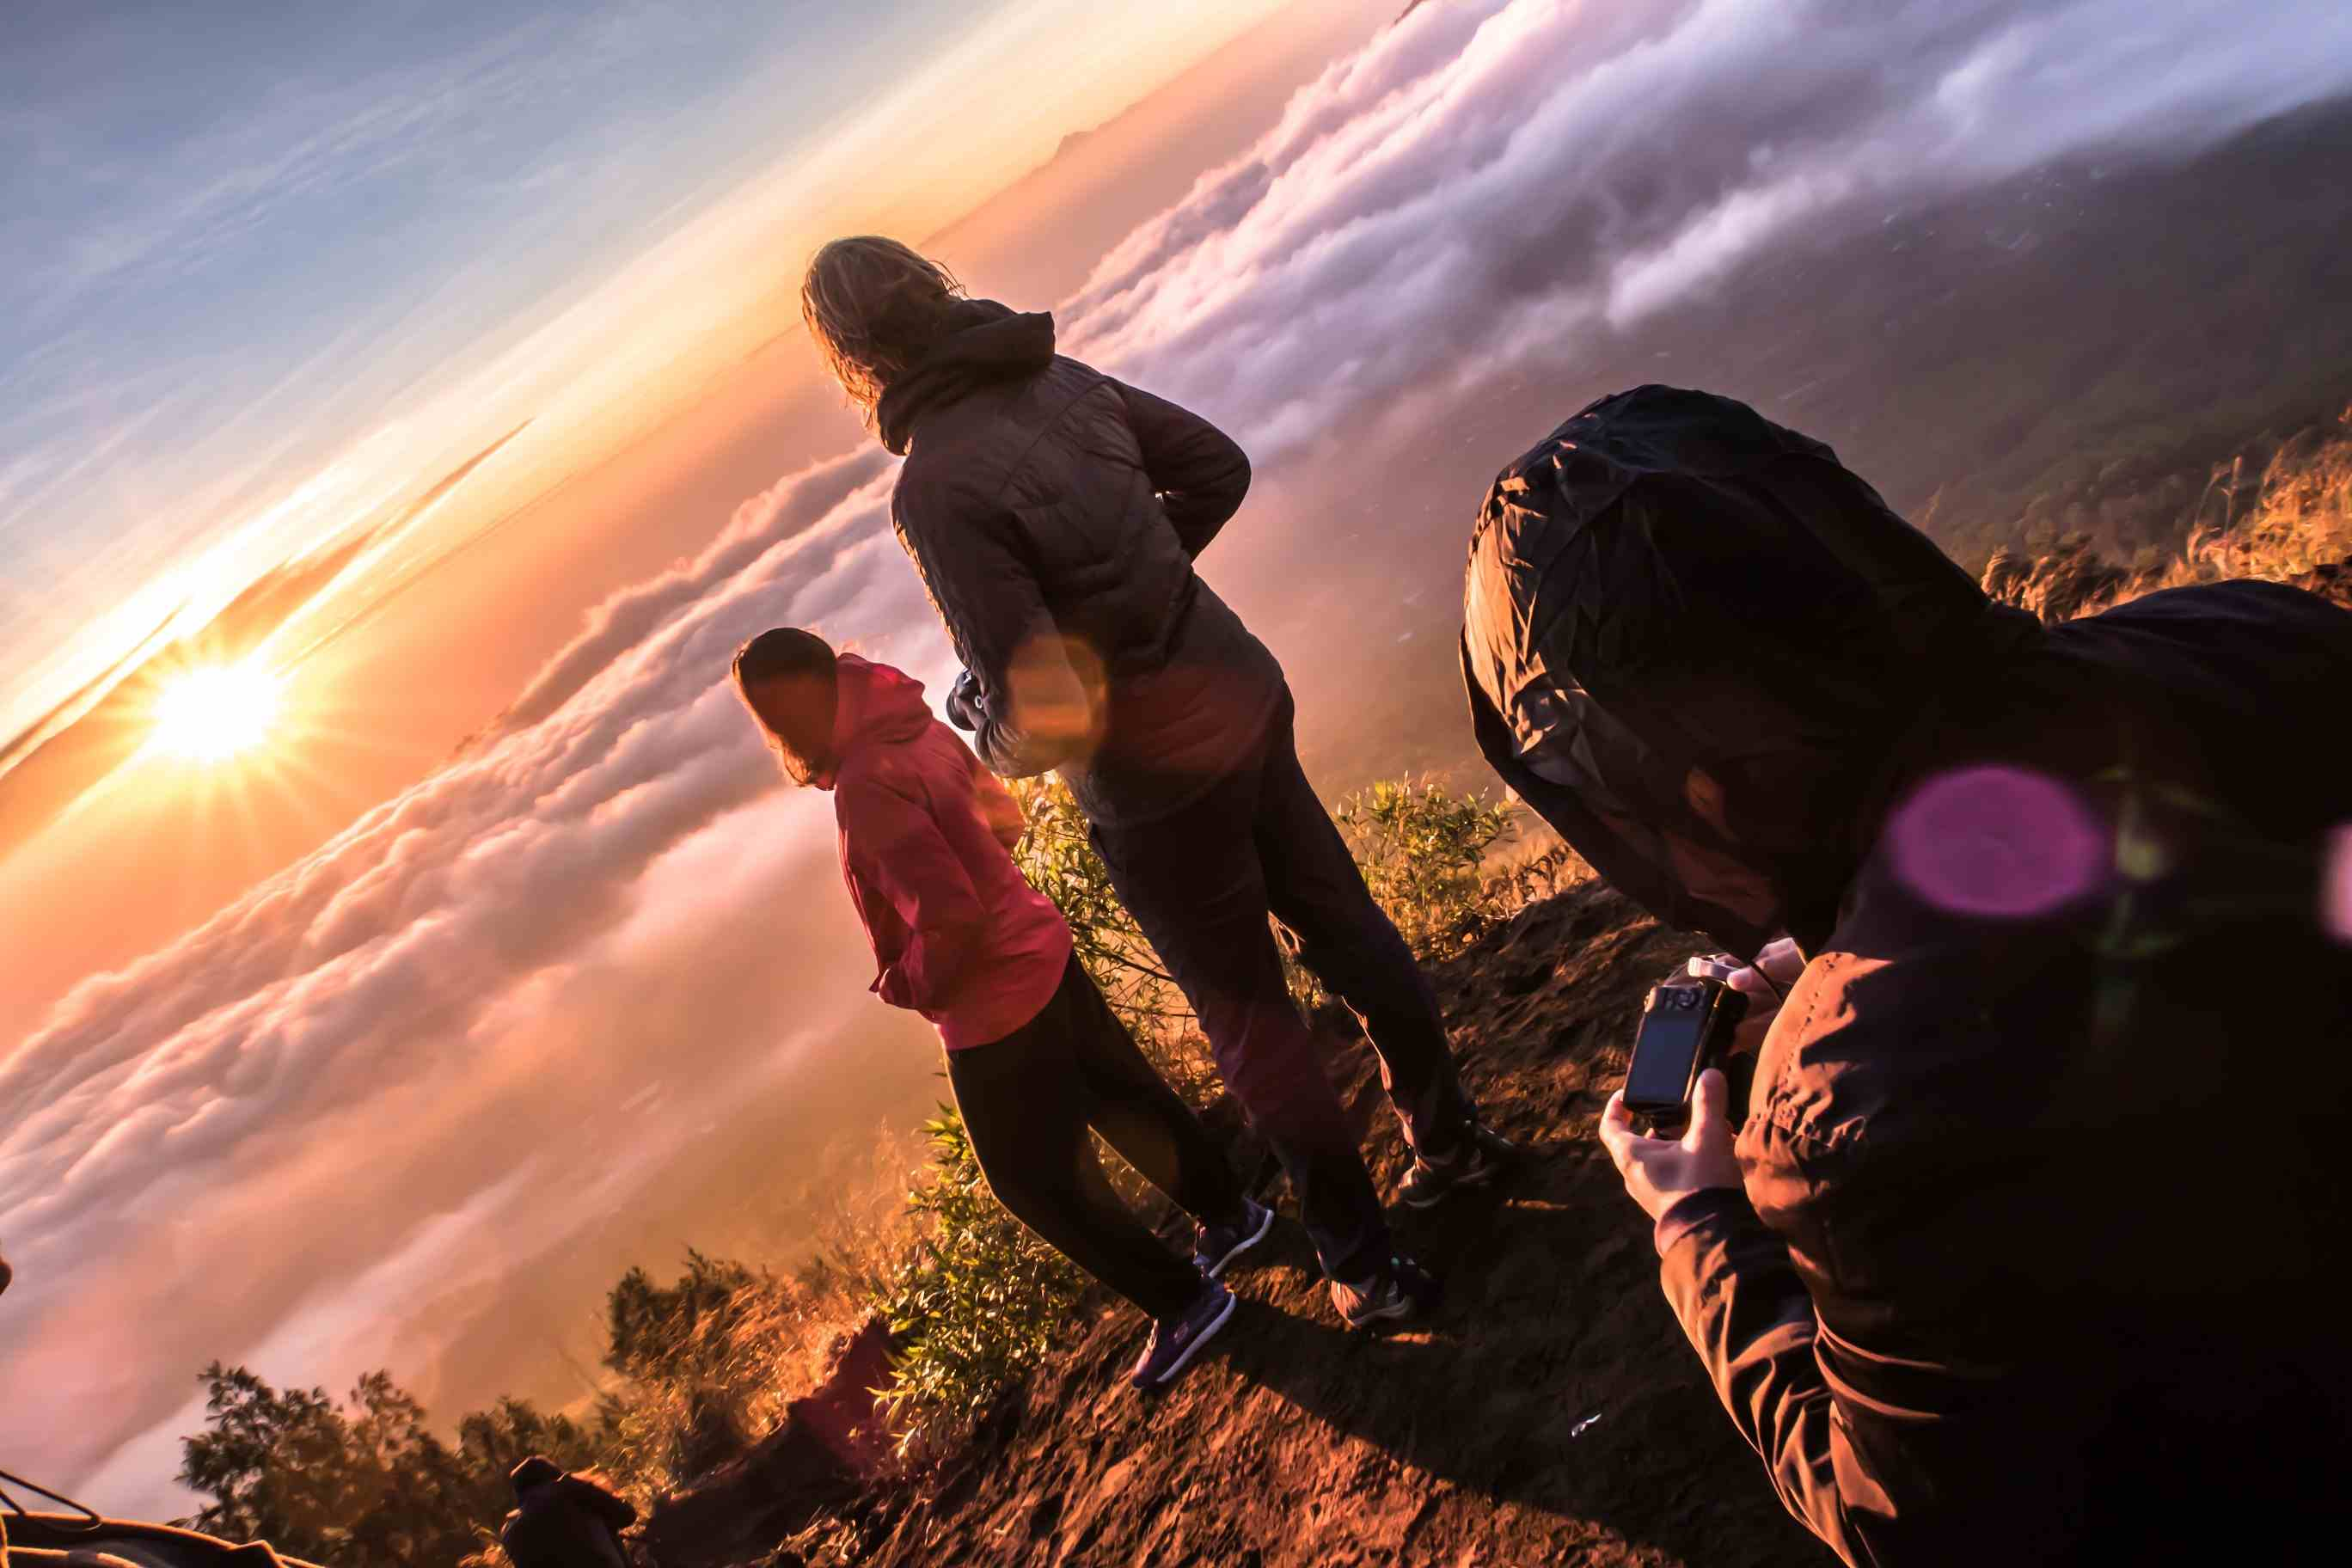 I migliori trekking a Bali: escursioni fra vulcani e natura equatoriale